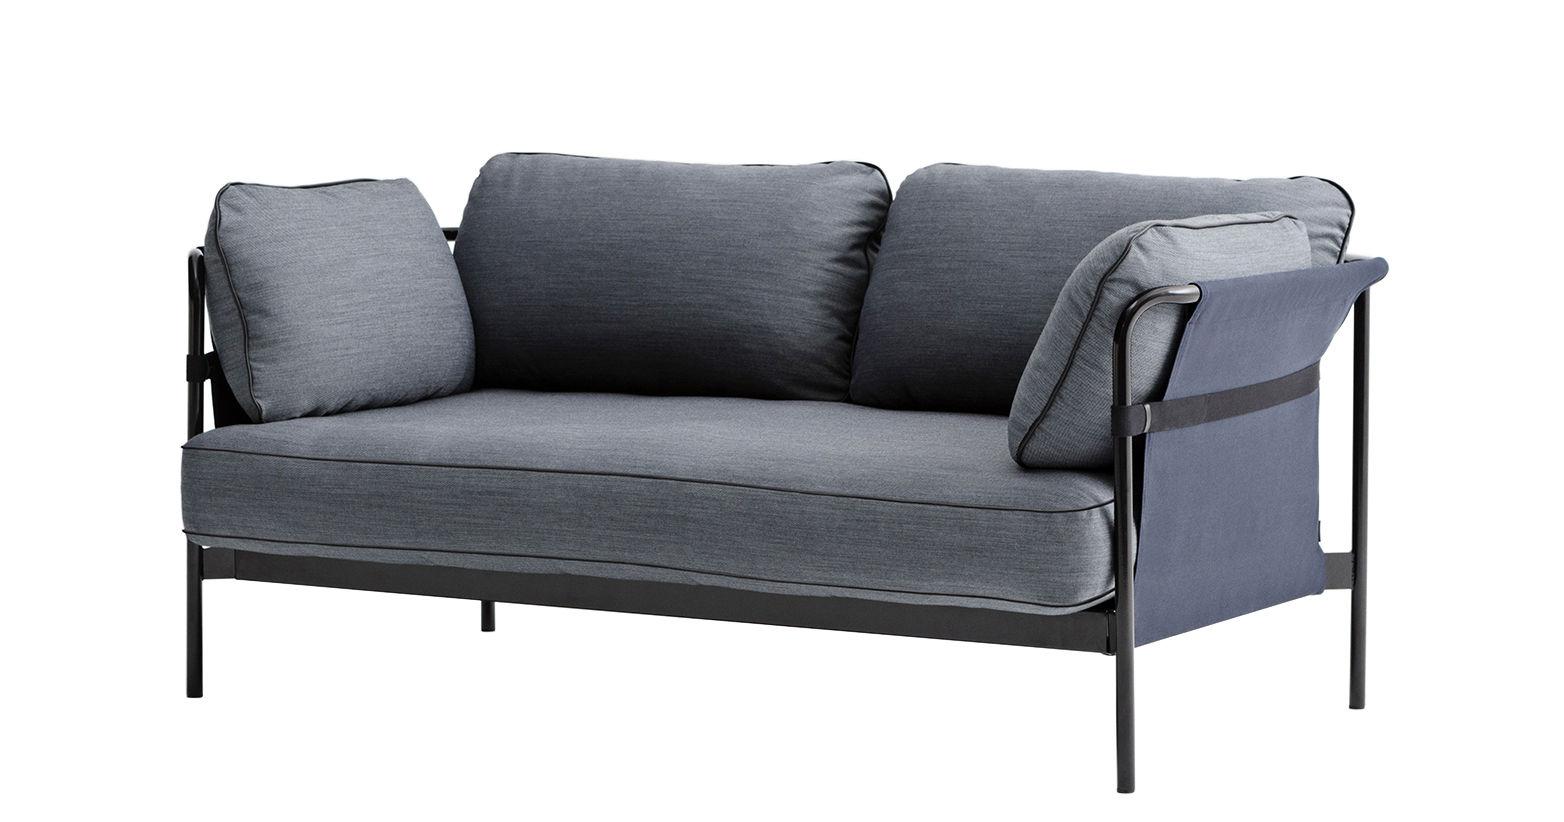 Arredamento - Divani moderni - Divano destro Can / 2 places - L 172 cm - Hay - Blu/ Struttura nera / Tessuto sui lati : blu - Espanso, Metallo, Tessuto